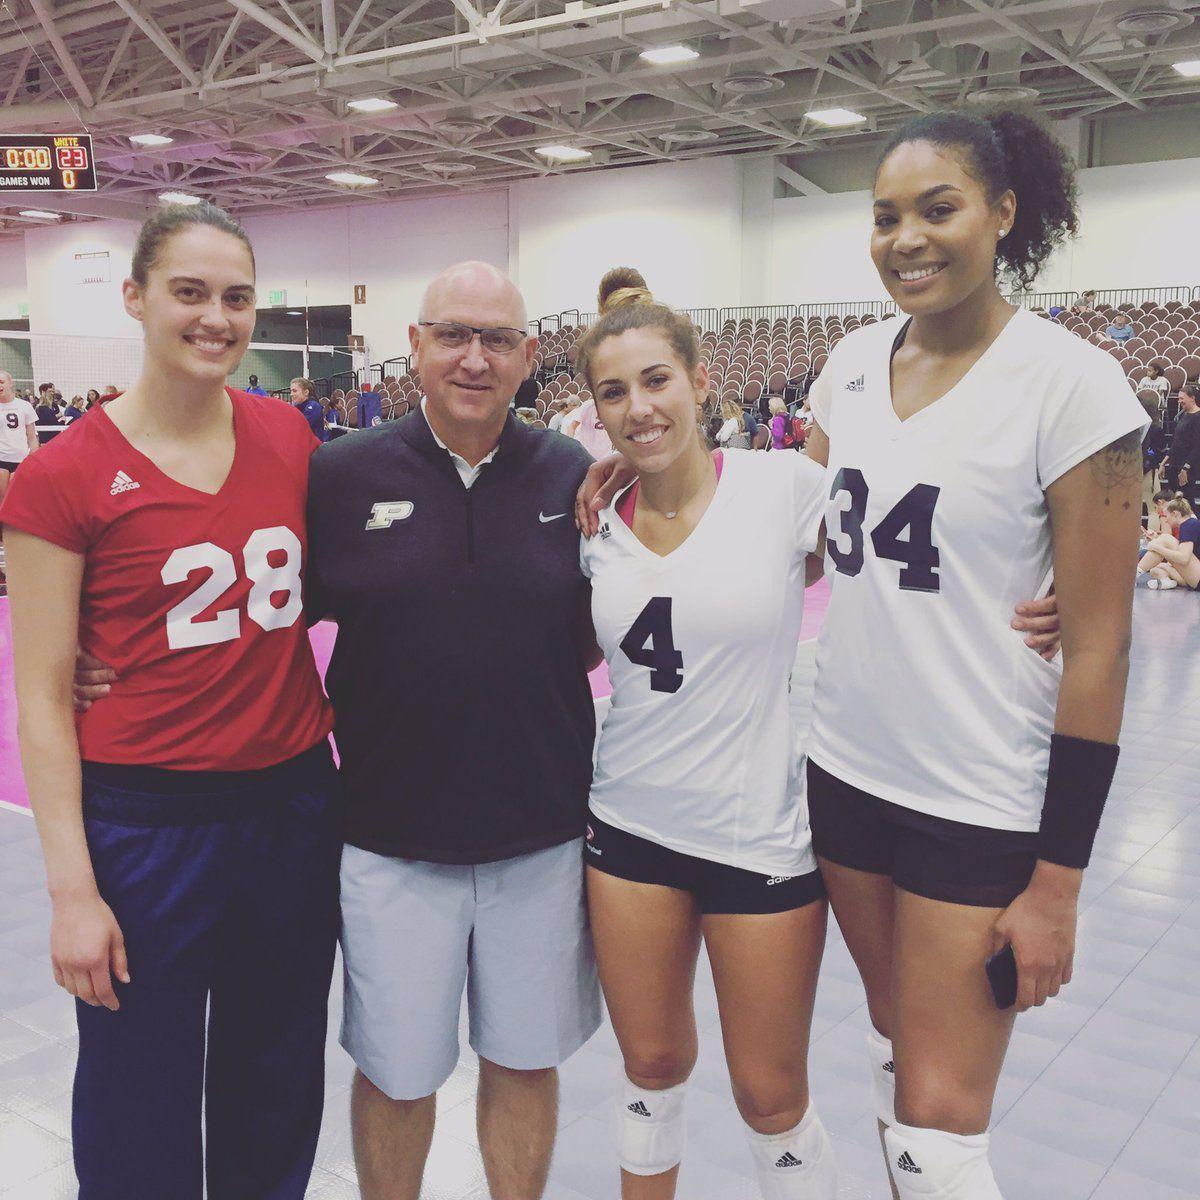 Ashley, Brooke, Sherridan, Dave Team USA